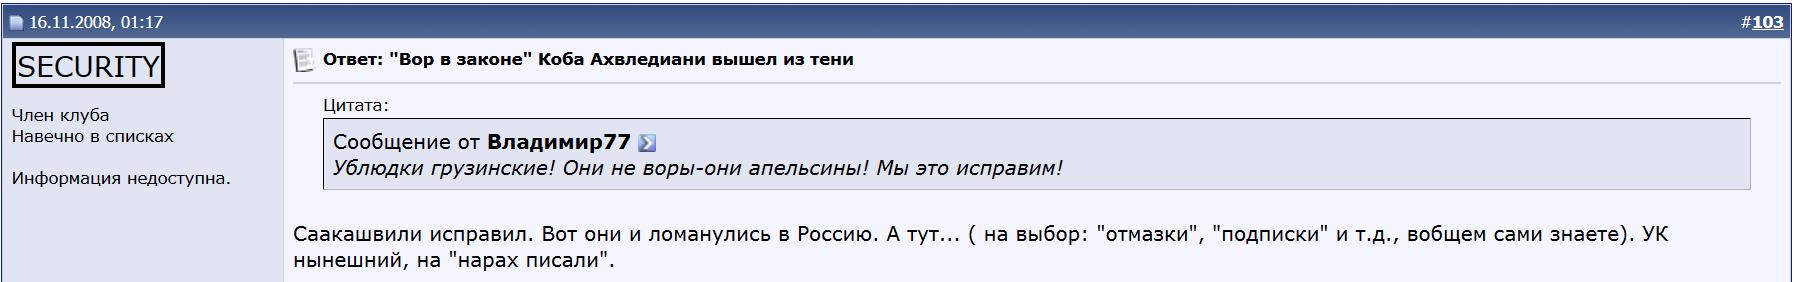 Цитата: в самом деле, потому и переместились воры в законе из Грузии в России, что здесь им - очень-очень вольготно